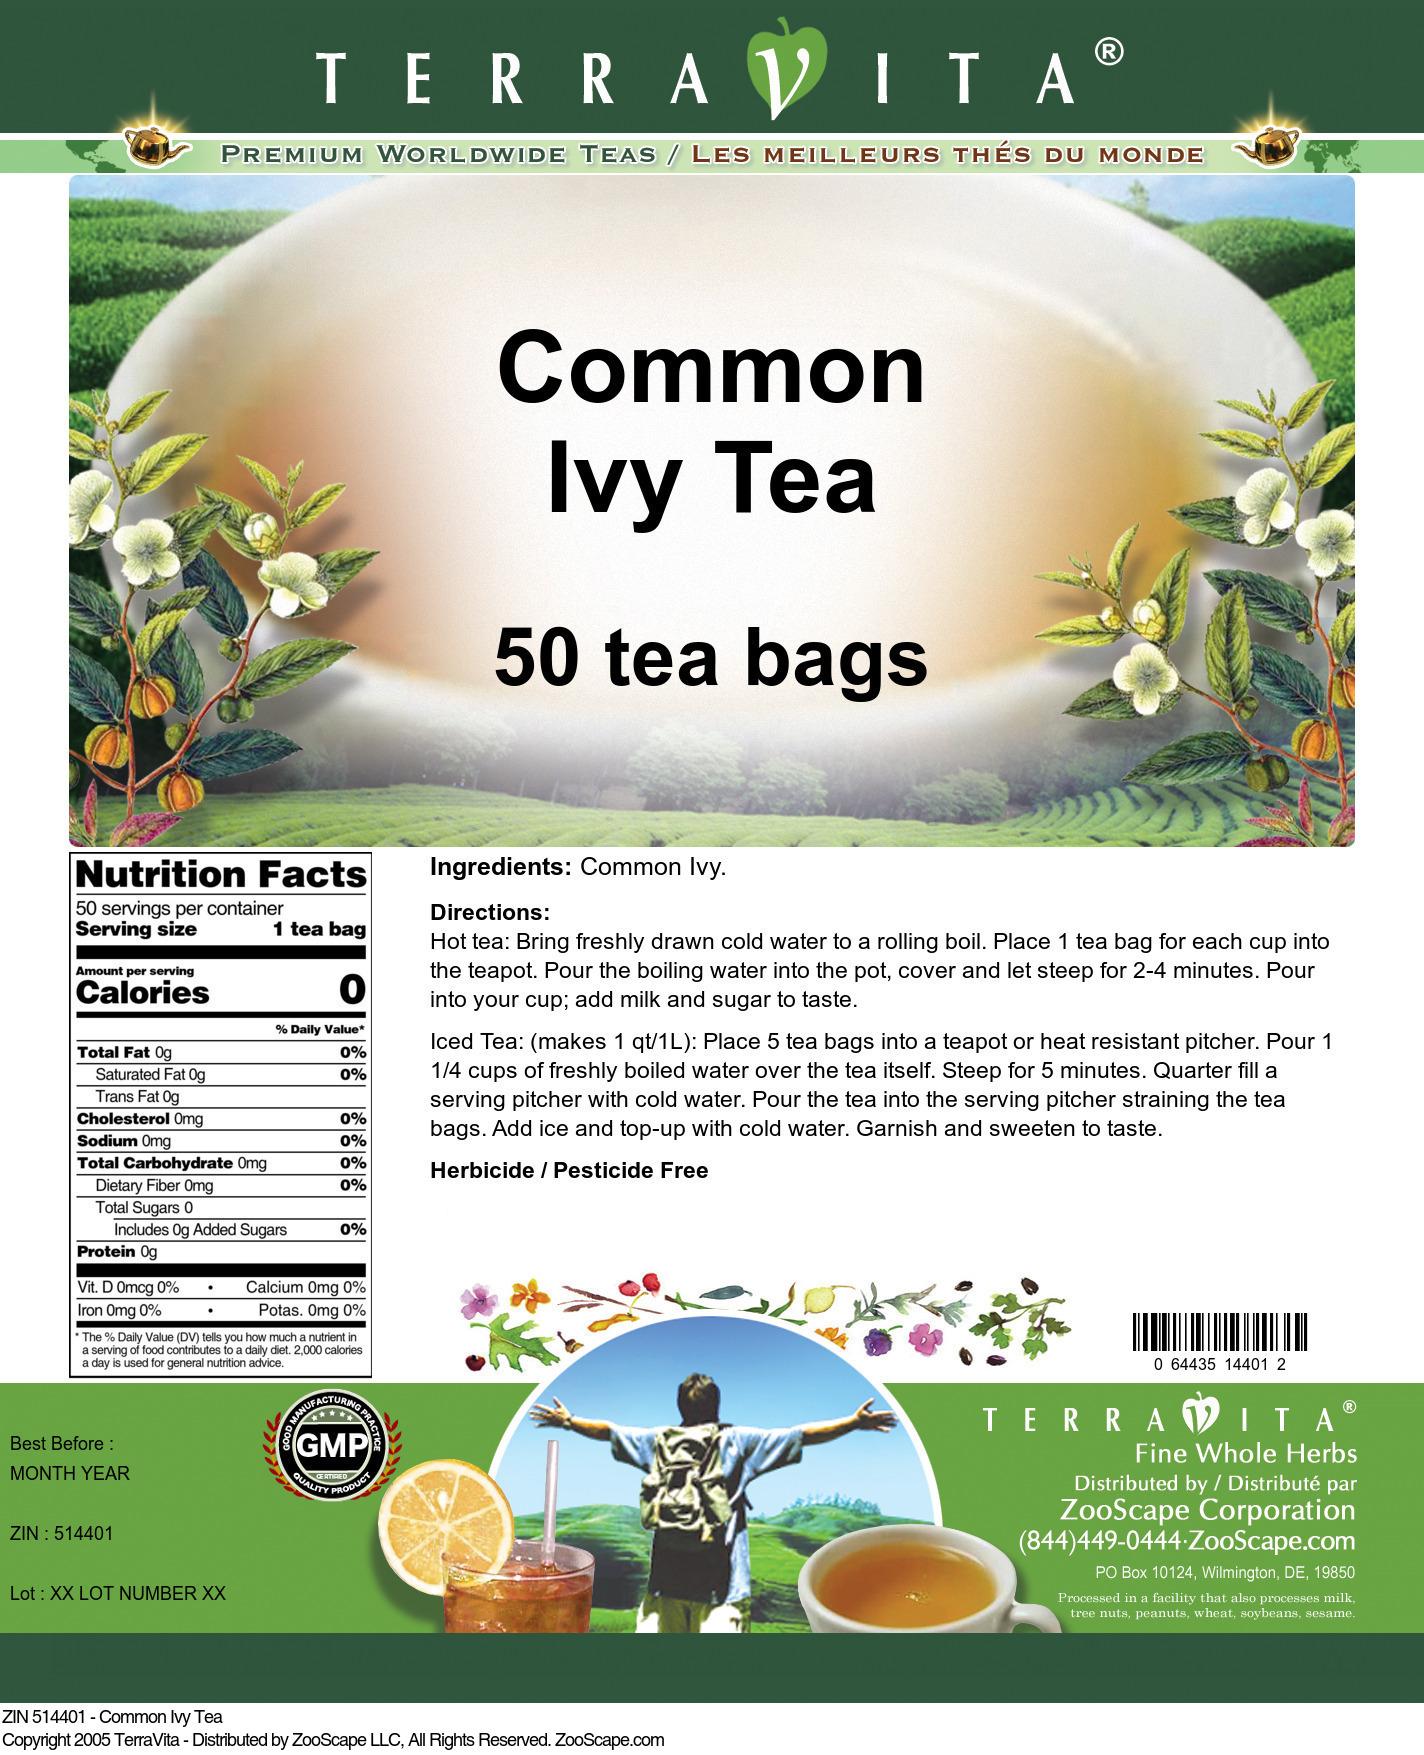 Common Ivy Tea